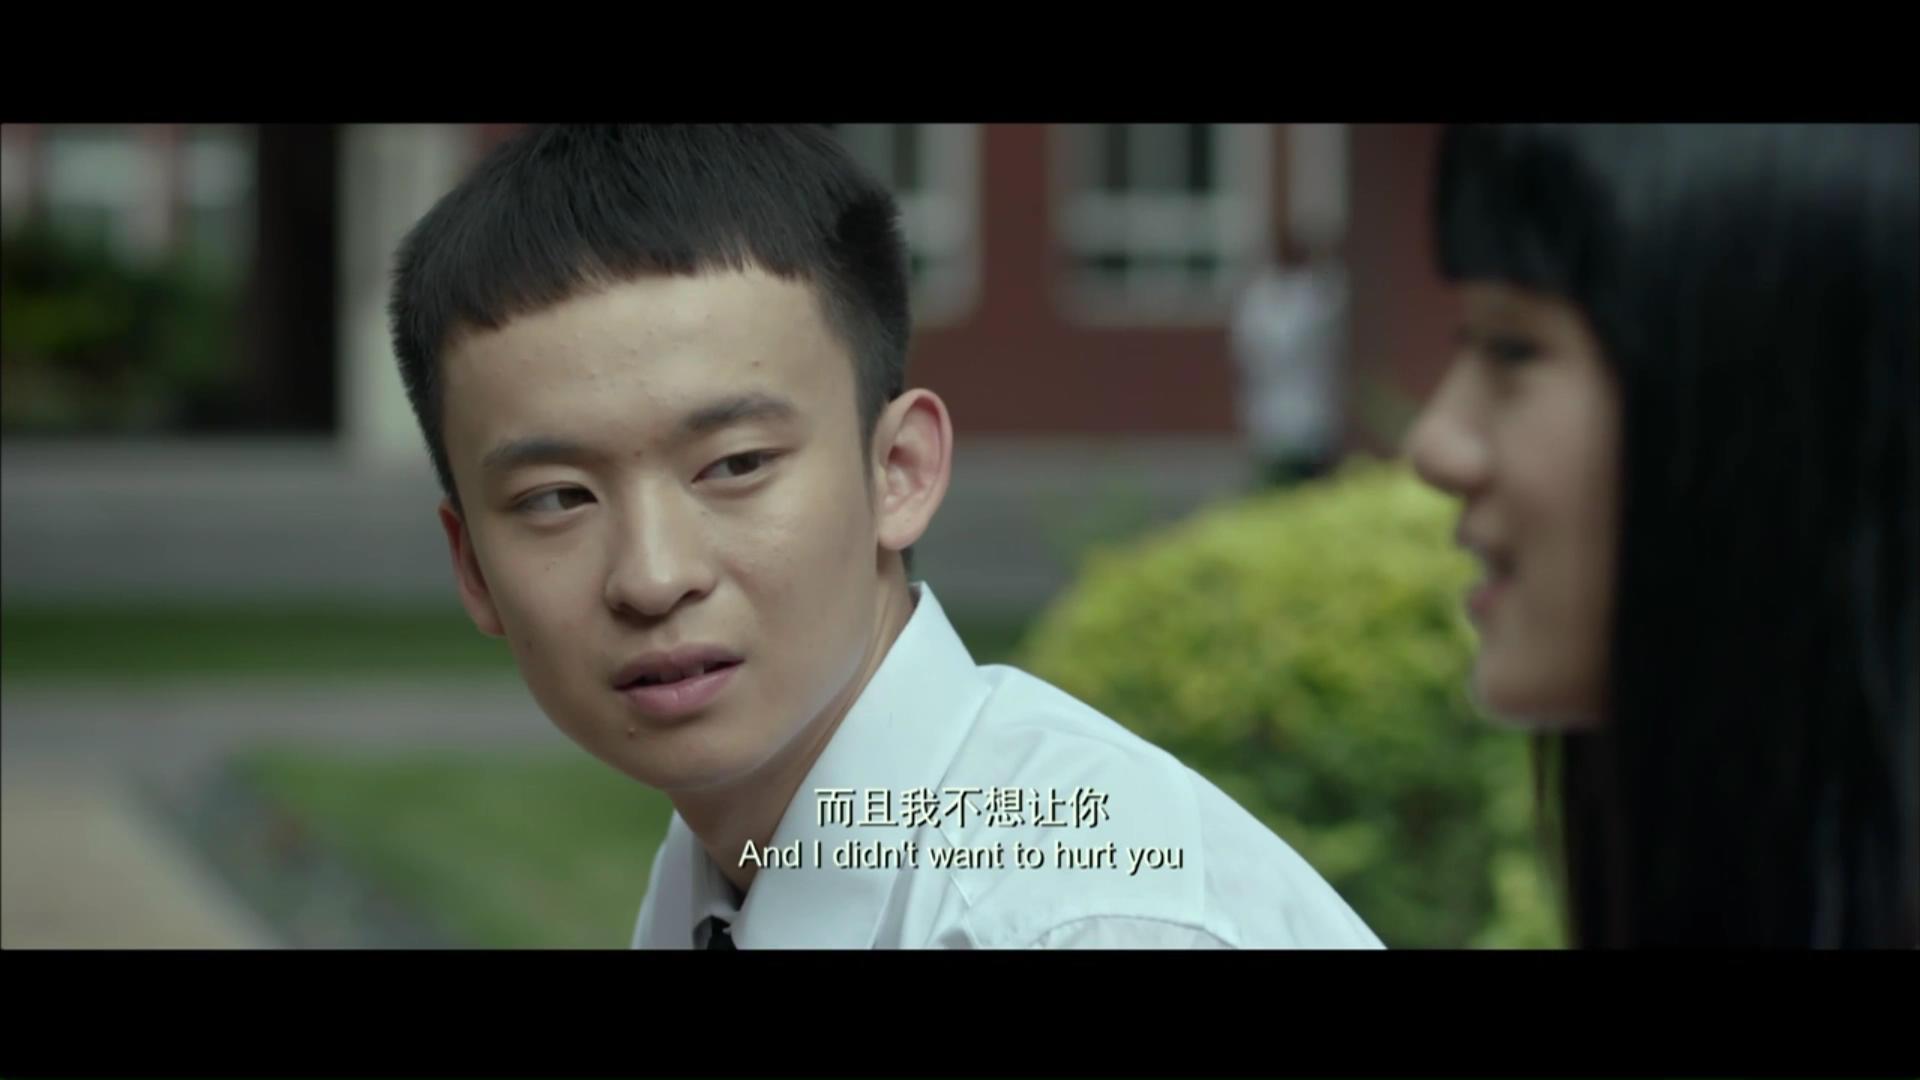 求个电影内战派的下载最好,链接是迅雷的720p就行台湾拍国共青春电视剧图片